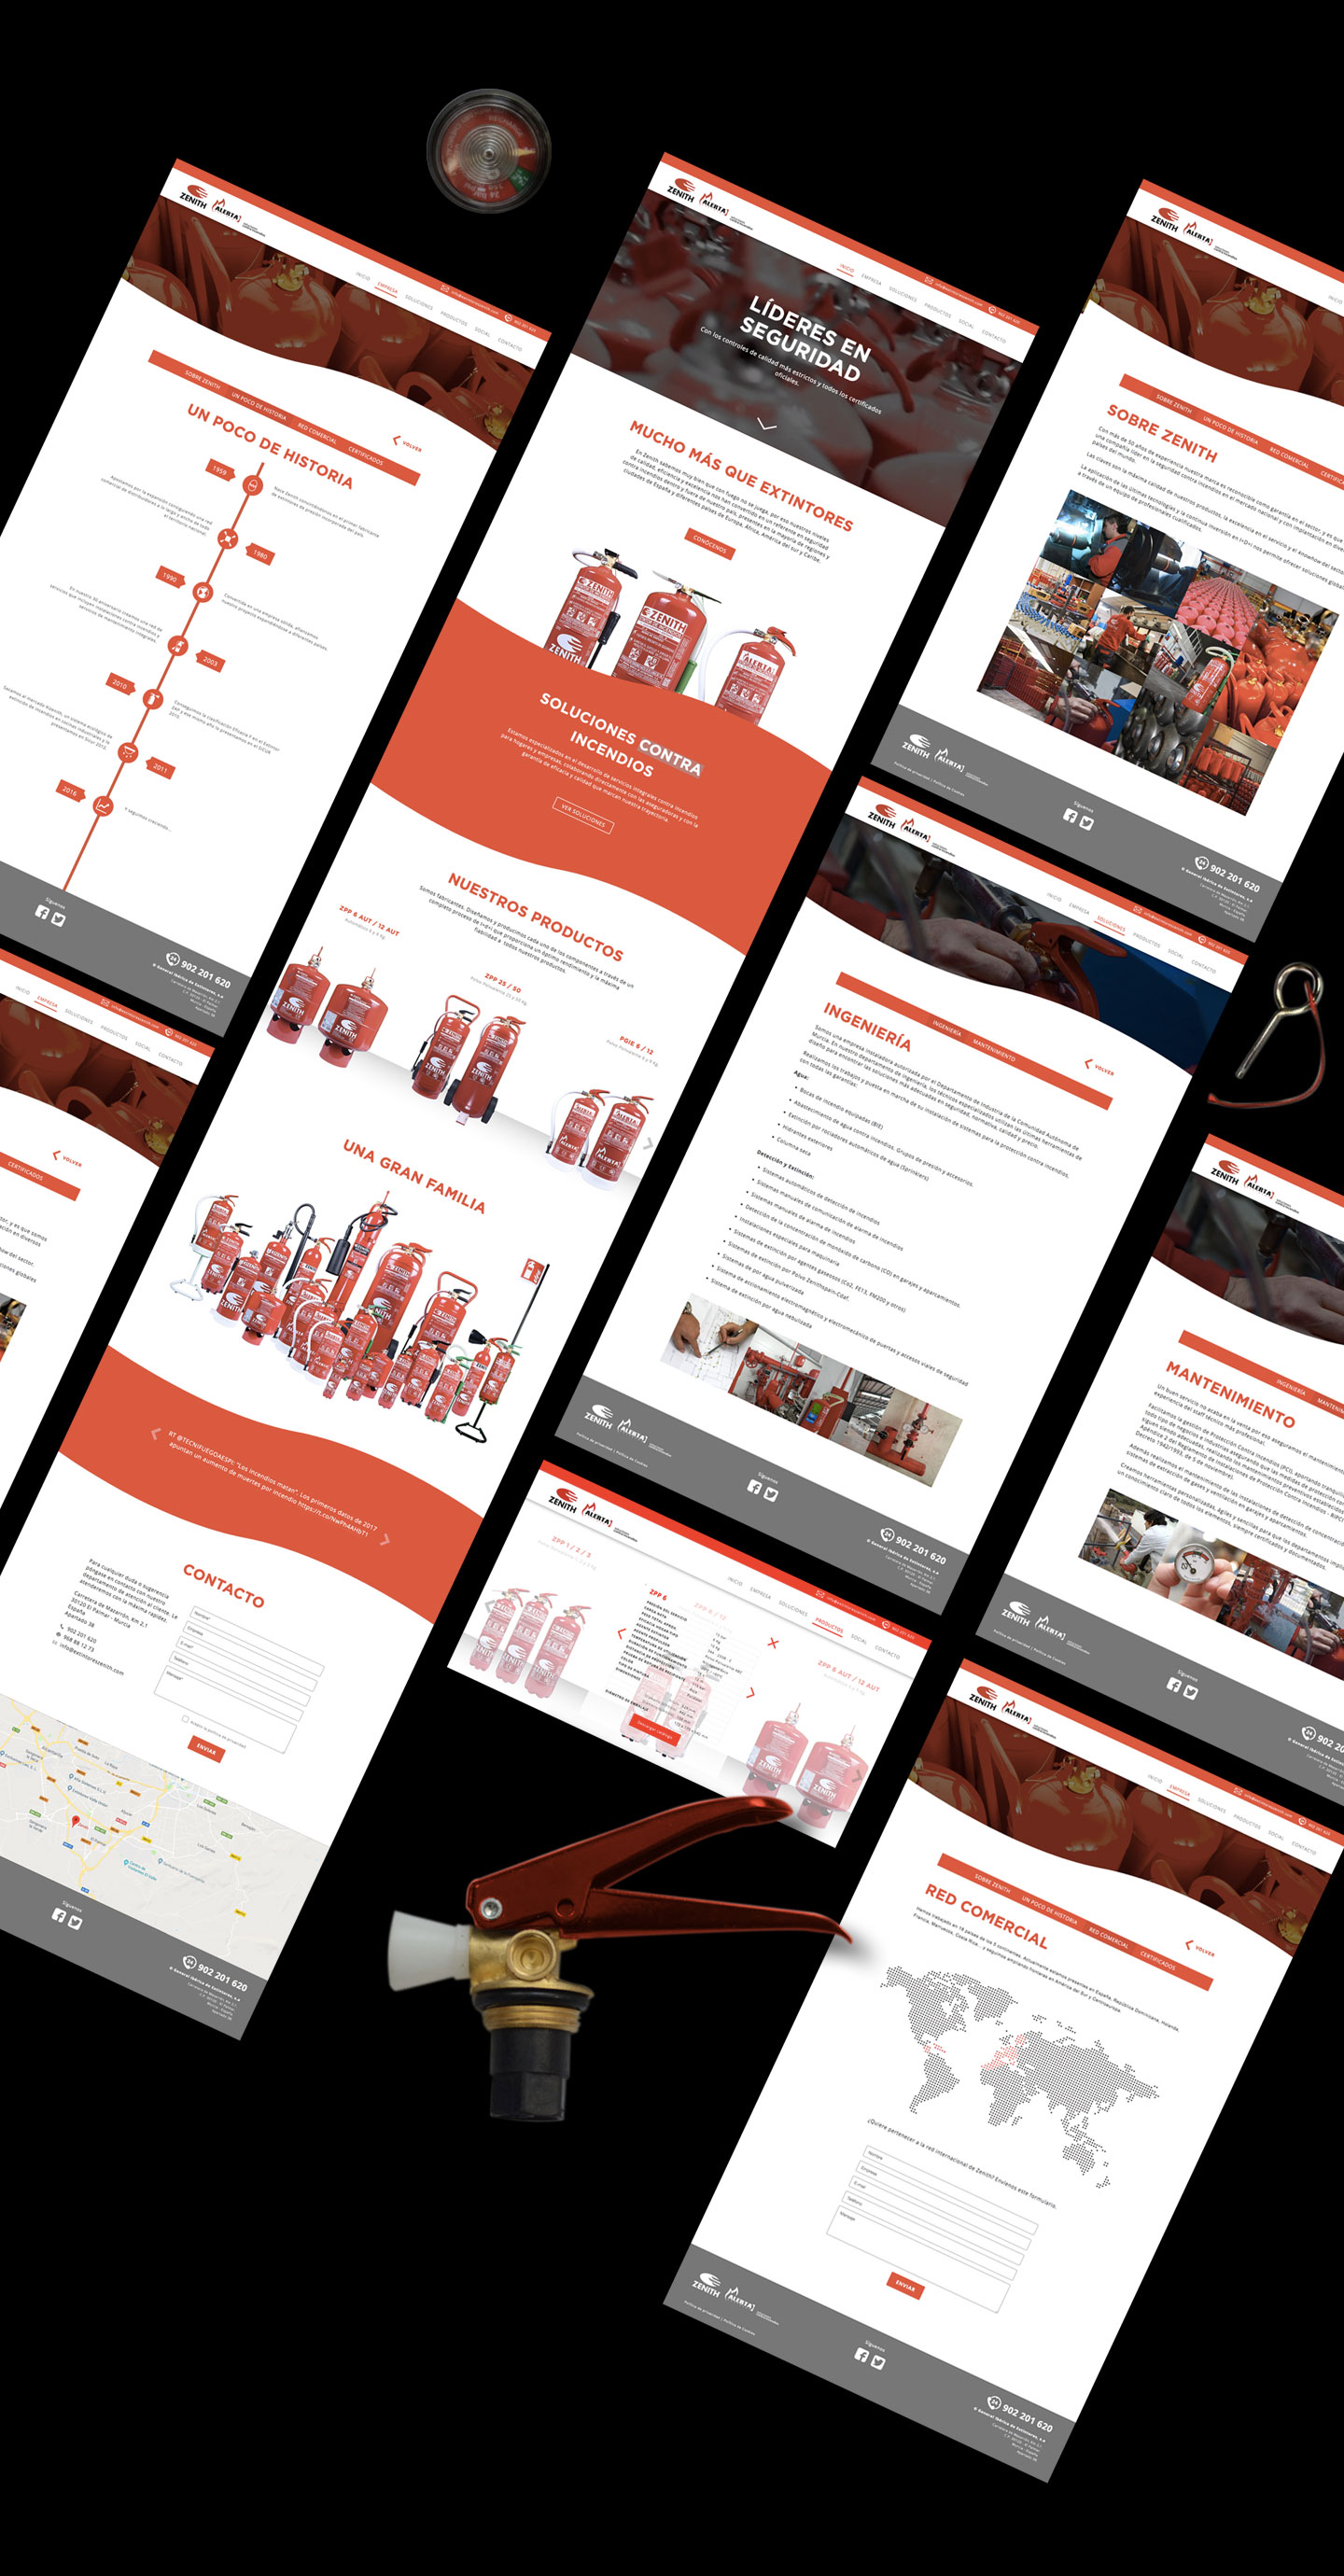 Estudio de diseño. Diseño de página web freelance y a medida en Murcia, Madrid y Panamá City | Nómadas Comunicación Creativa